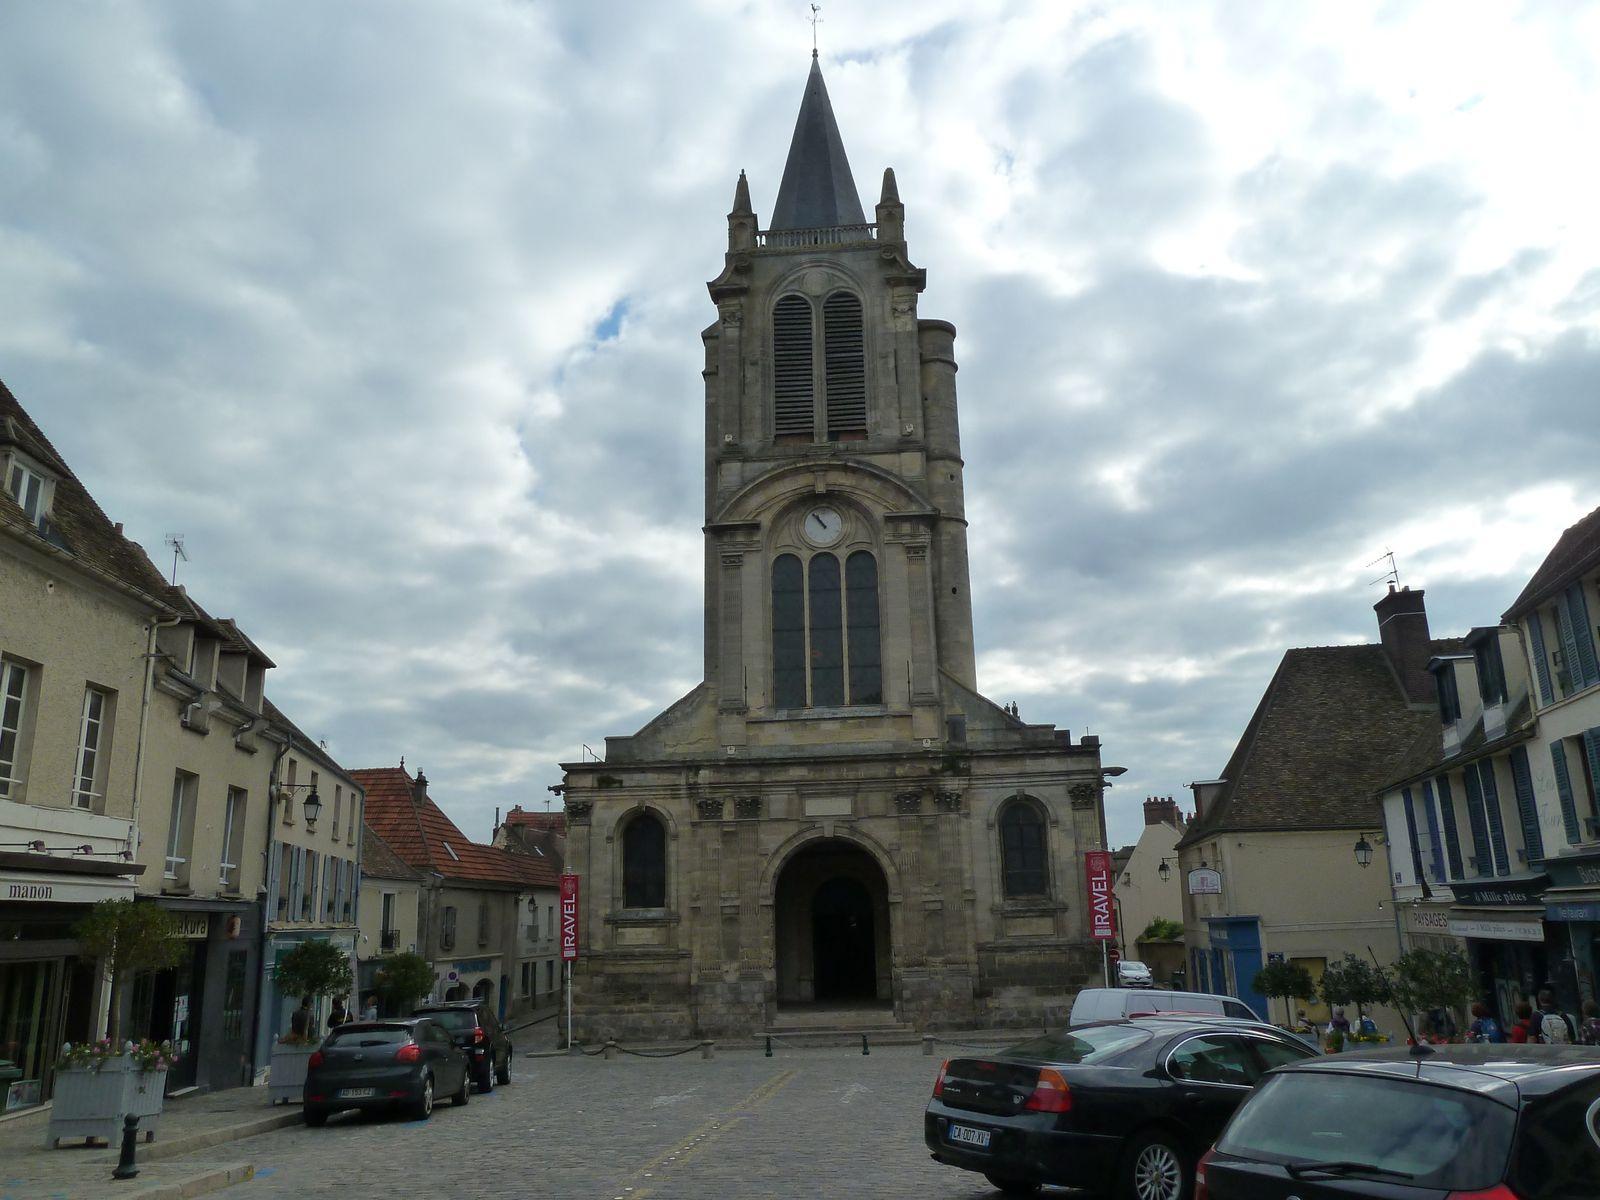 L'église Saint-Pierre des XV et XVIèmes siècles, d'une taille impressionnante et rare pour une petite cité, construite par Anne de Bretagne en lieu et place d'une église médiévale du XIème siècle. André de Foix, seigneur de Montfort de 1524 à 1540, amplifiera les aménagements entrepris sous le dernier règne breton. L'église est particulièrement intéressante par ses nombreuses gargouilles extérieures, ses clefs de voûtes pendantes et sculptées dans les bas-côtés….